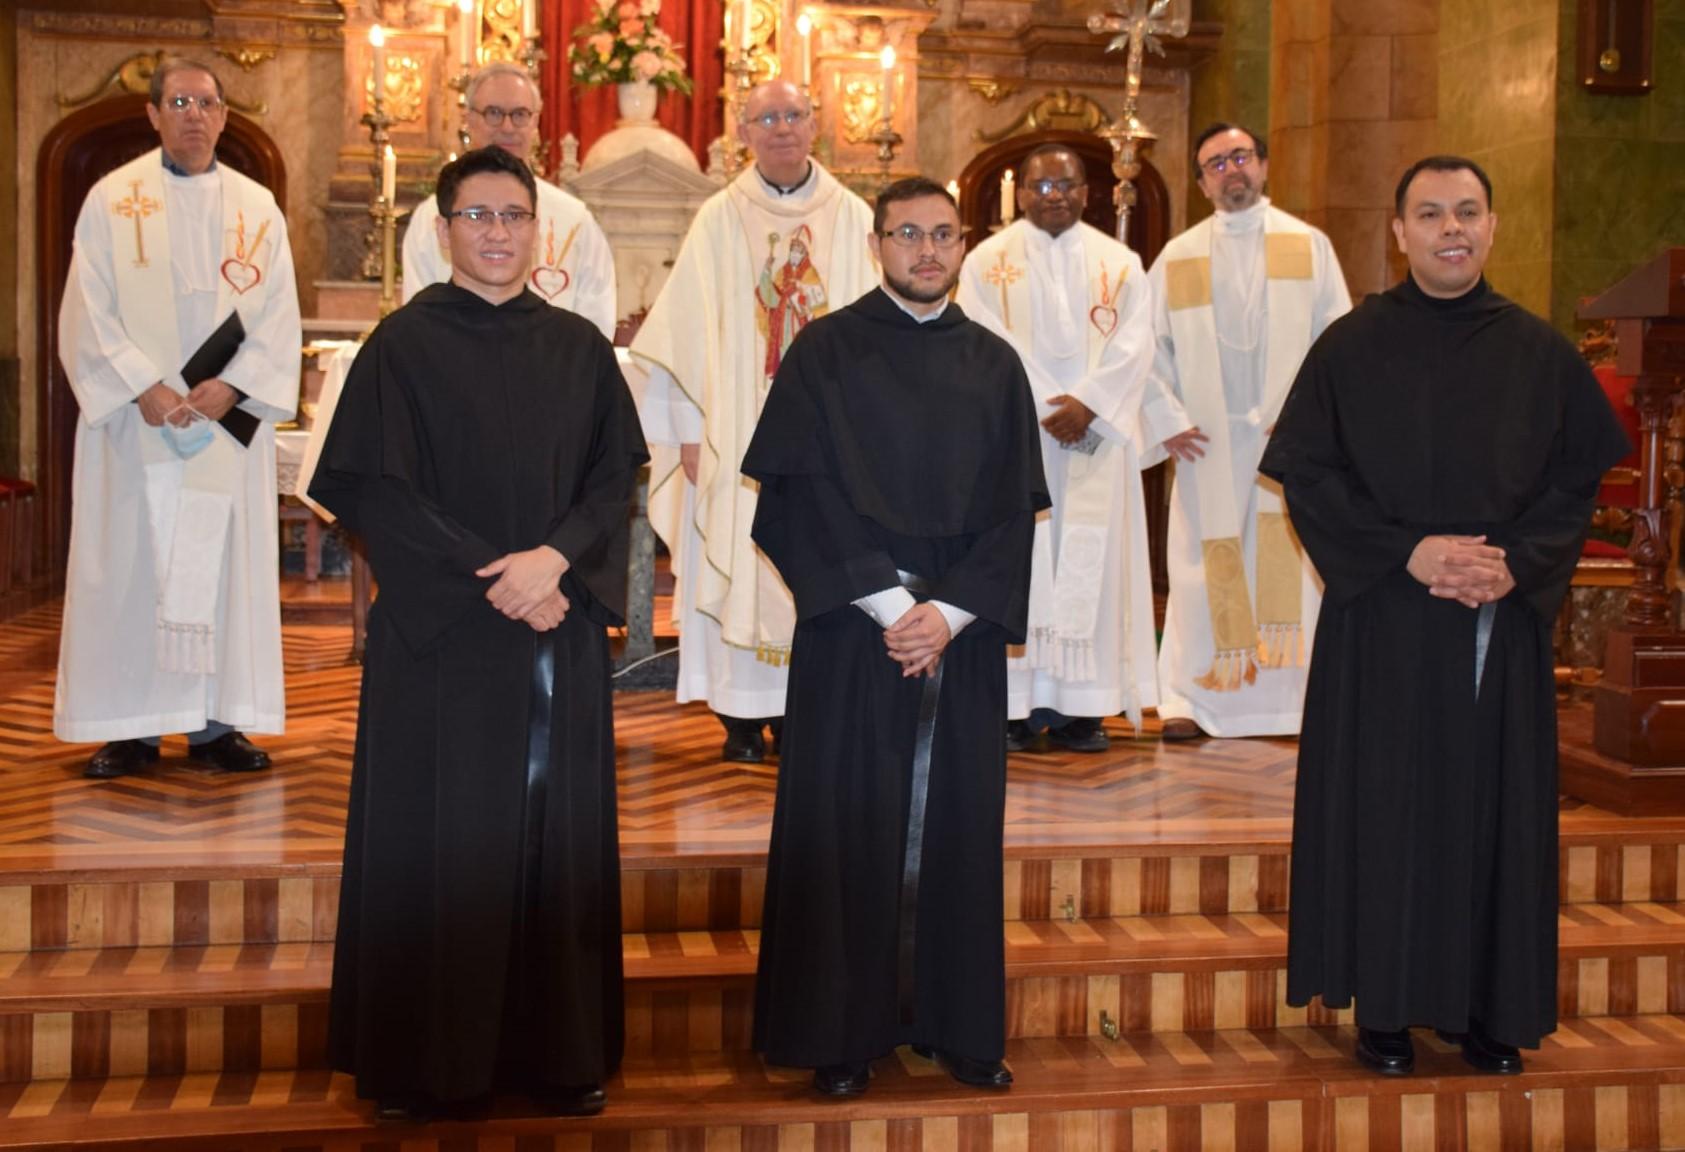 Se han celebrado las profesiones solemnes en la Orden de San Agustín de tres hermanos de la Comunidad de Formación de Valladolid.